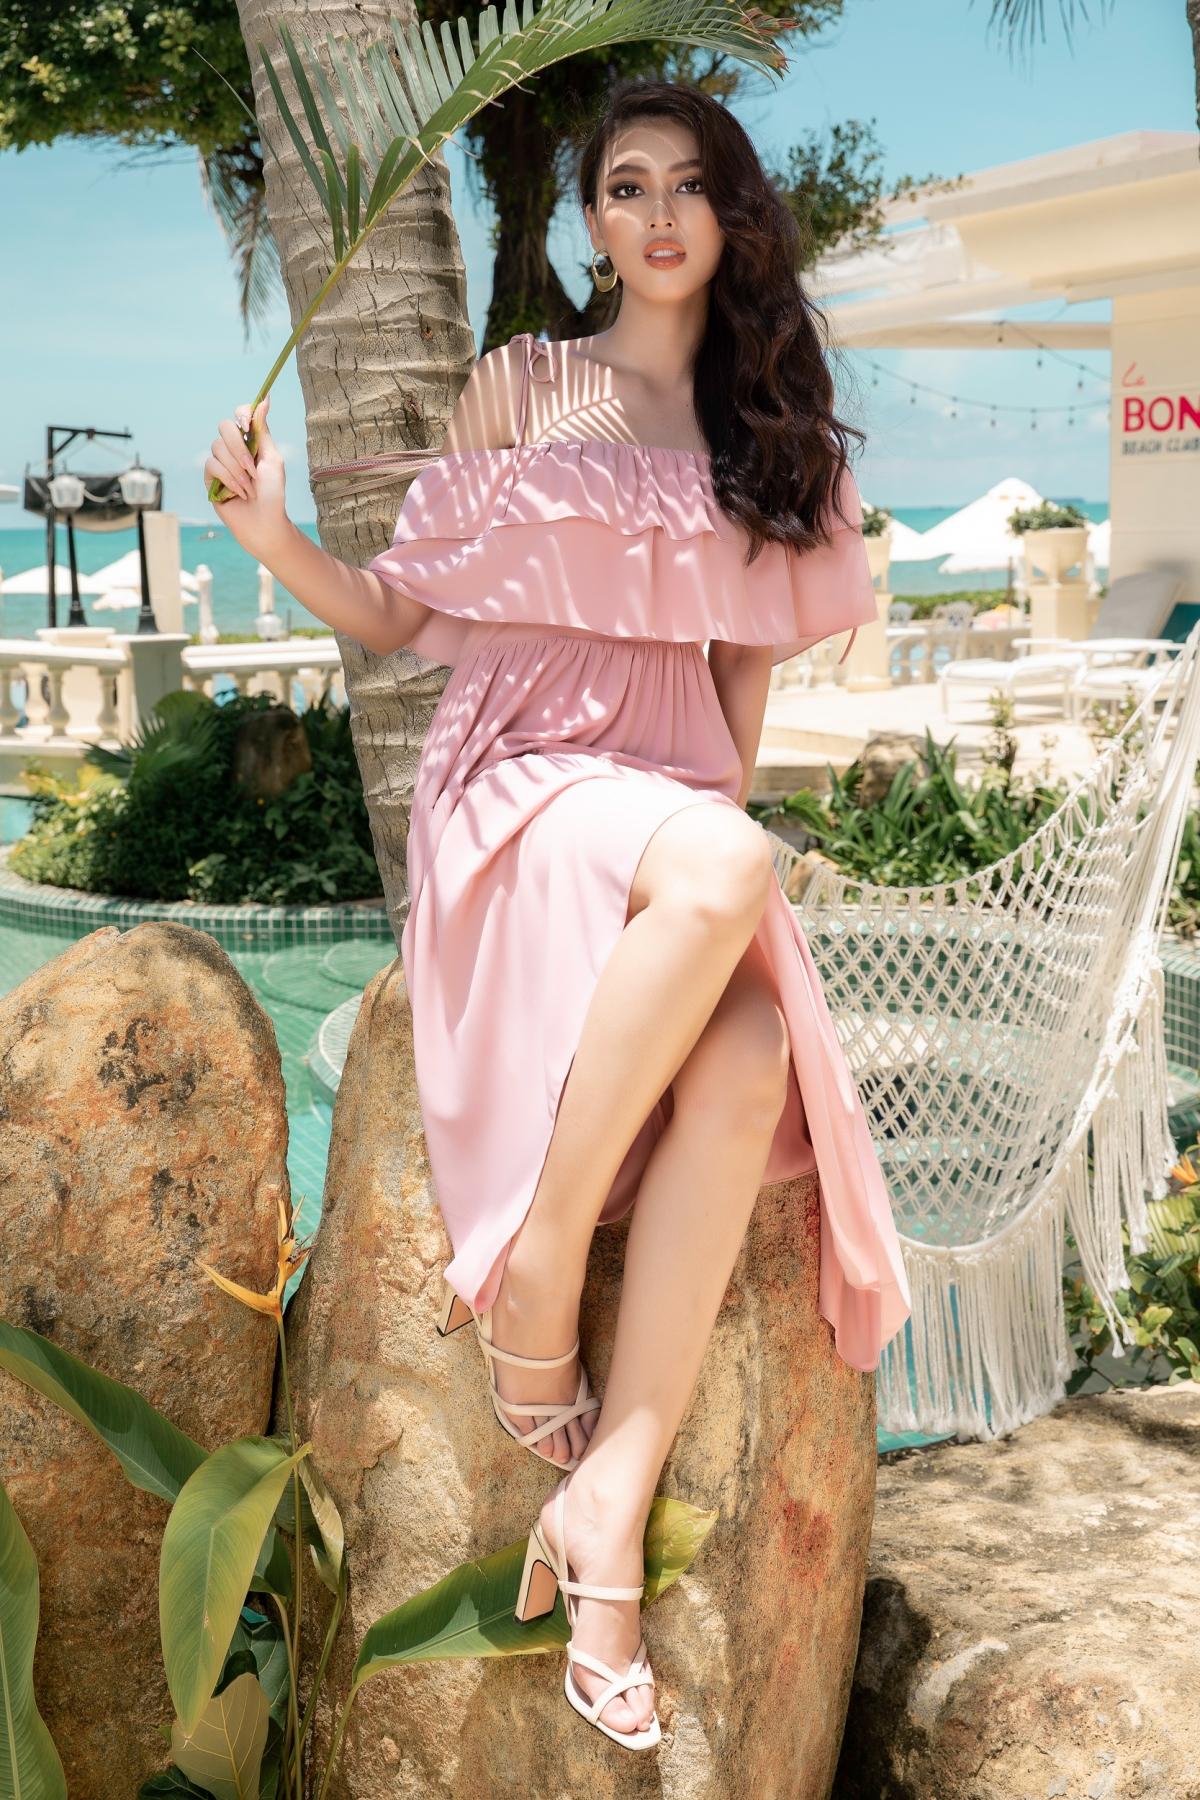 Sở hữu thân hình thon gọn cùng làn da mịn màng căng bóng, Á hậu Ngọc Thảo đã khoe được các nét đẹp mỹ miều của cô gái trẻ cùng những thiết kế đầm rực rỡ, khiến ai nấy đều phải thích mê trong từng thiết kế.